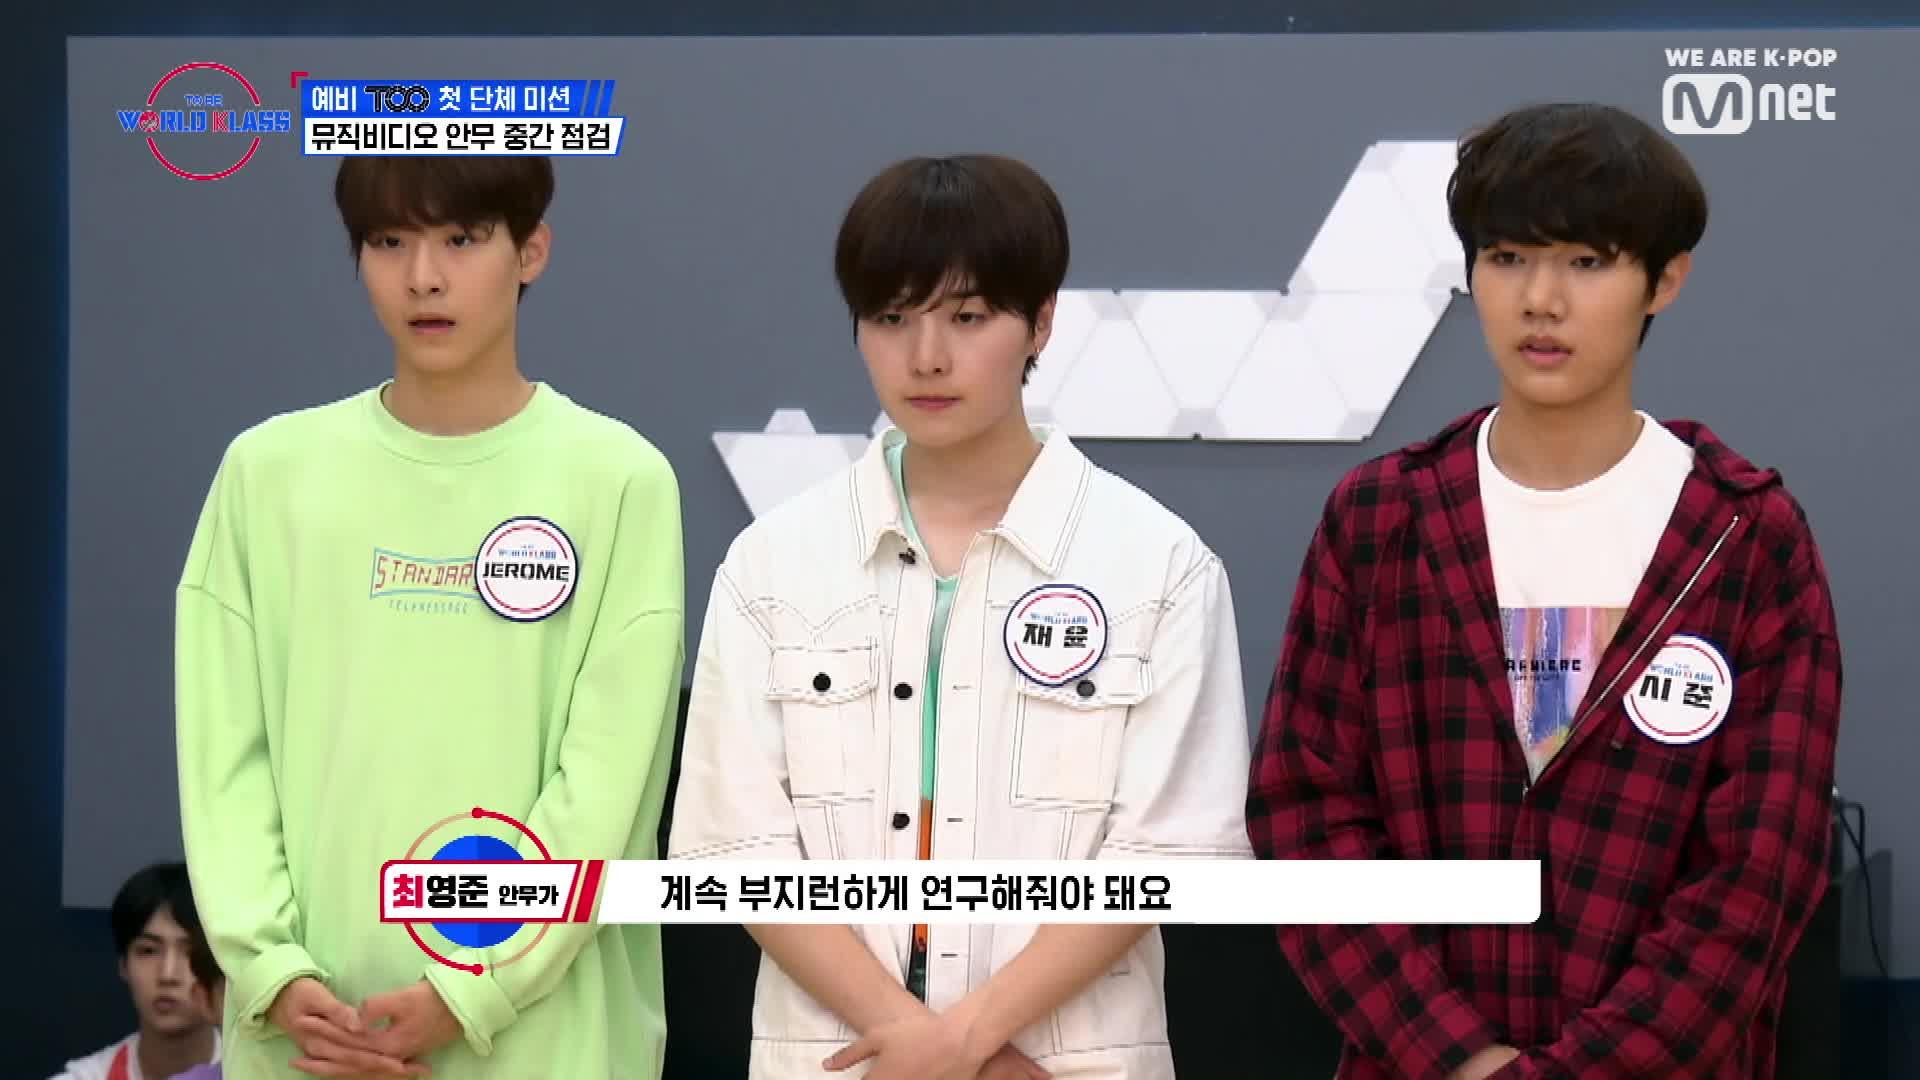 [2회] (경직) 긴장으로 인한 미소 오작동 ㅣ B반 안무 중간 점검